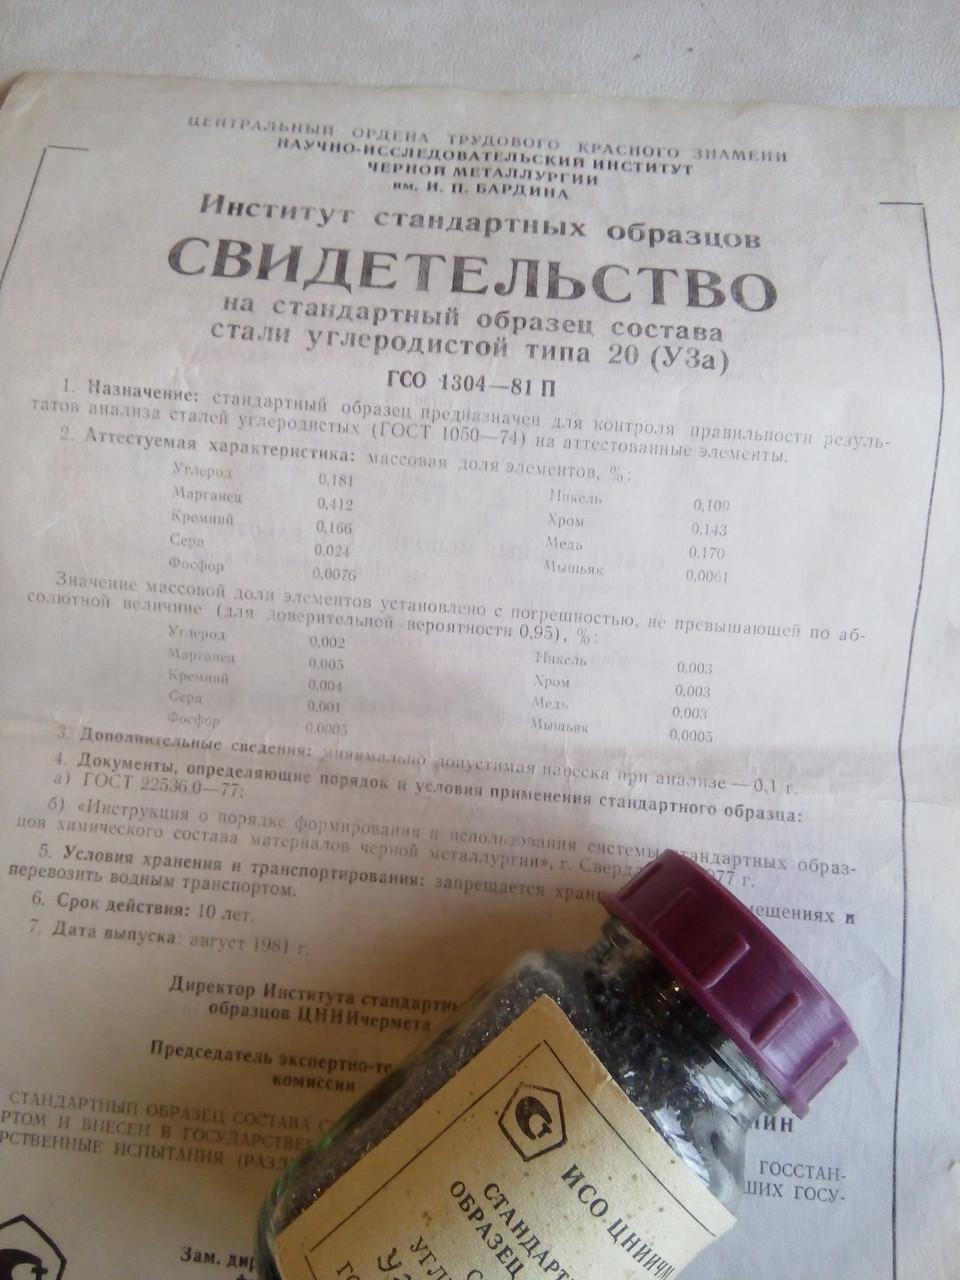 Образец (сталь углеродистого  типа 20 ( У3а ))  ГСО 1304-81П